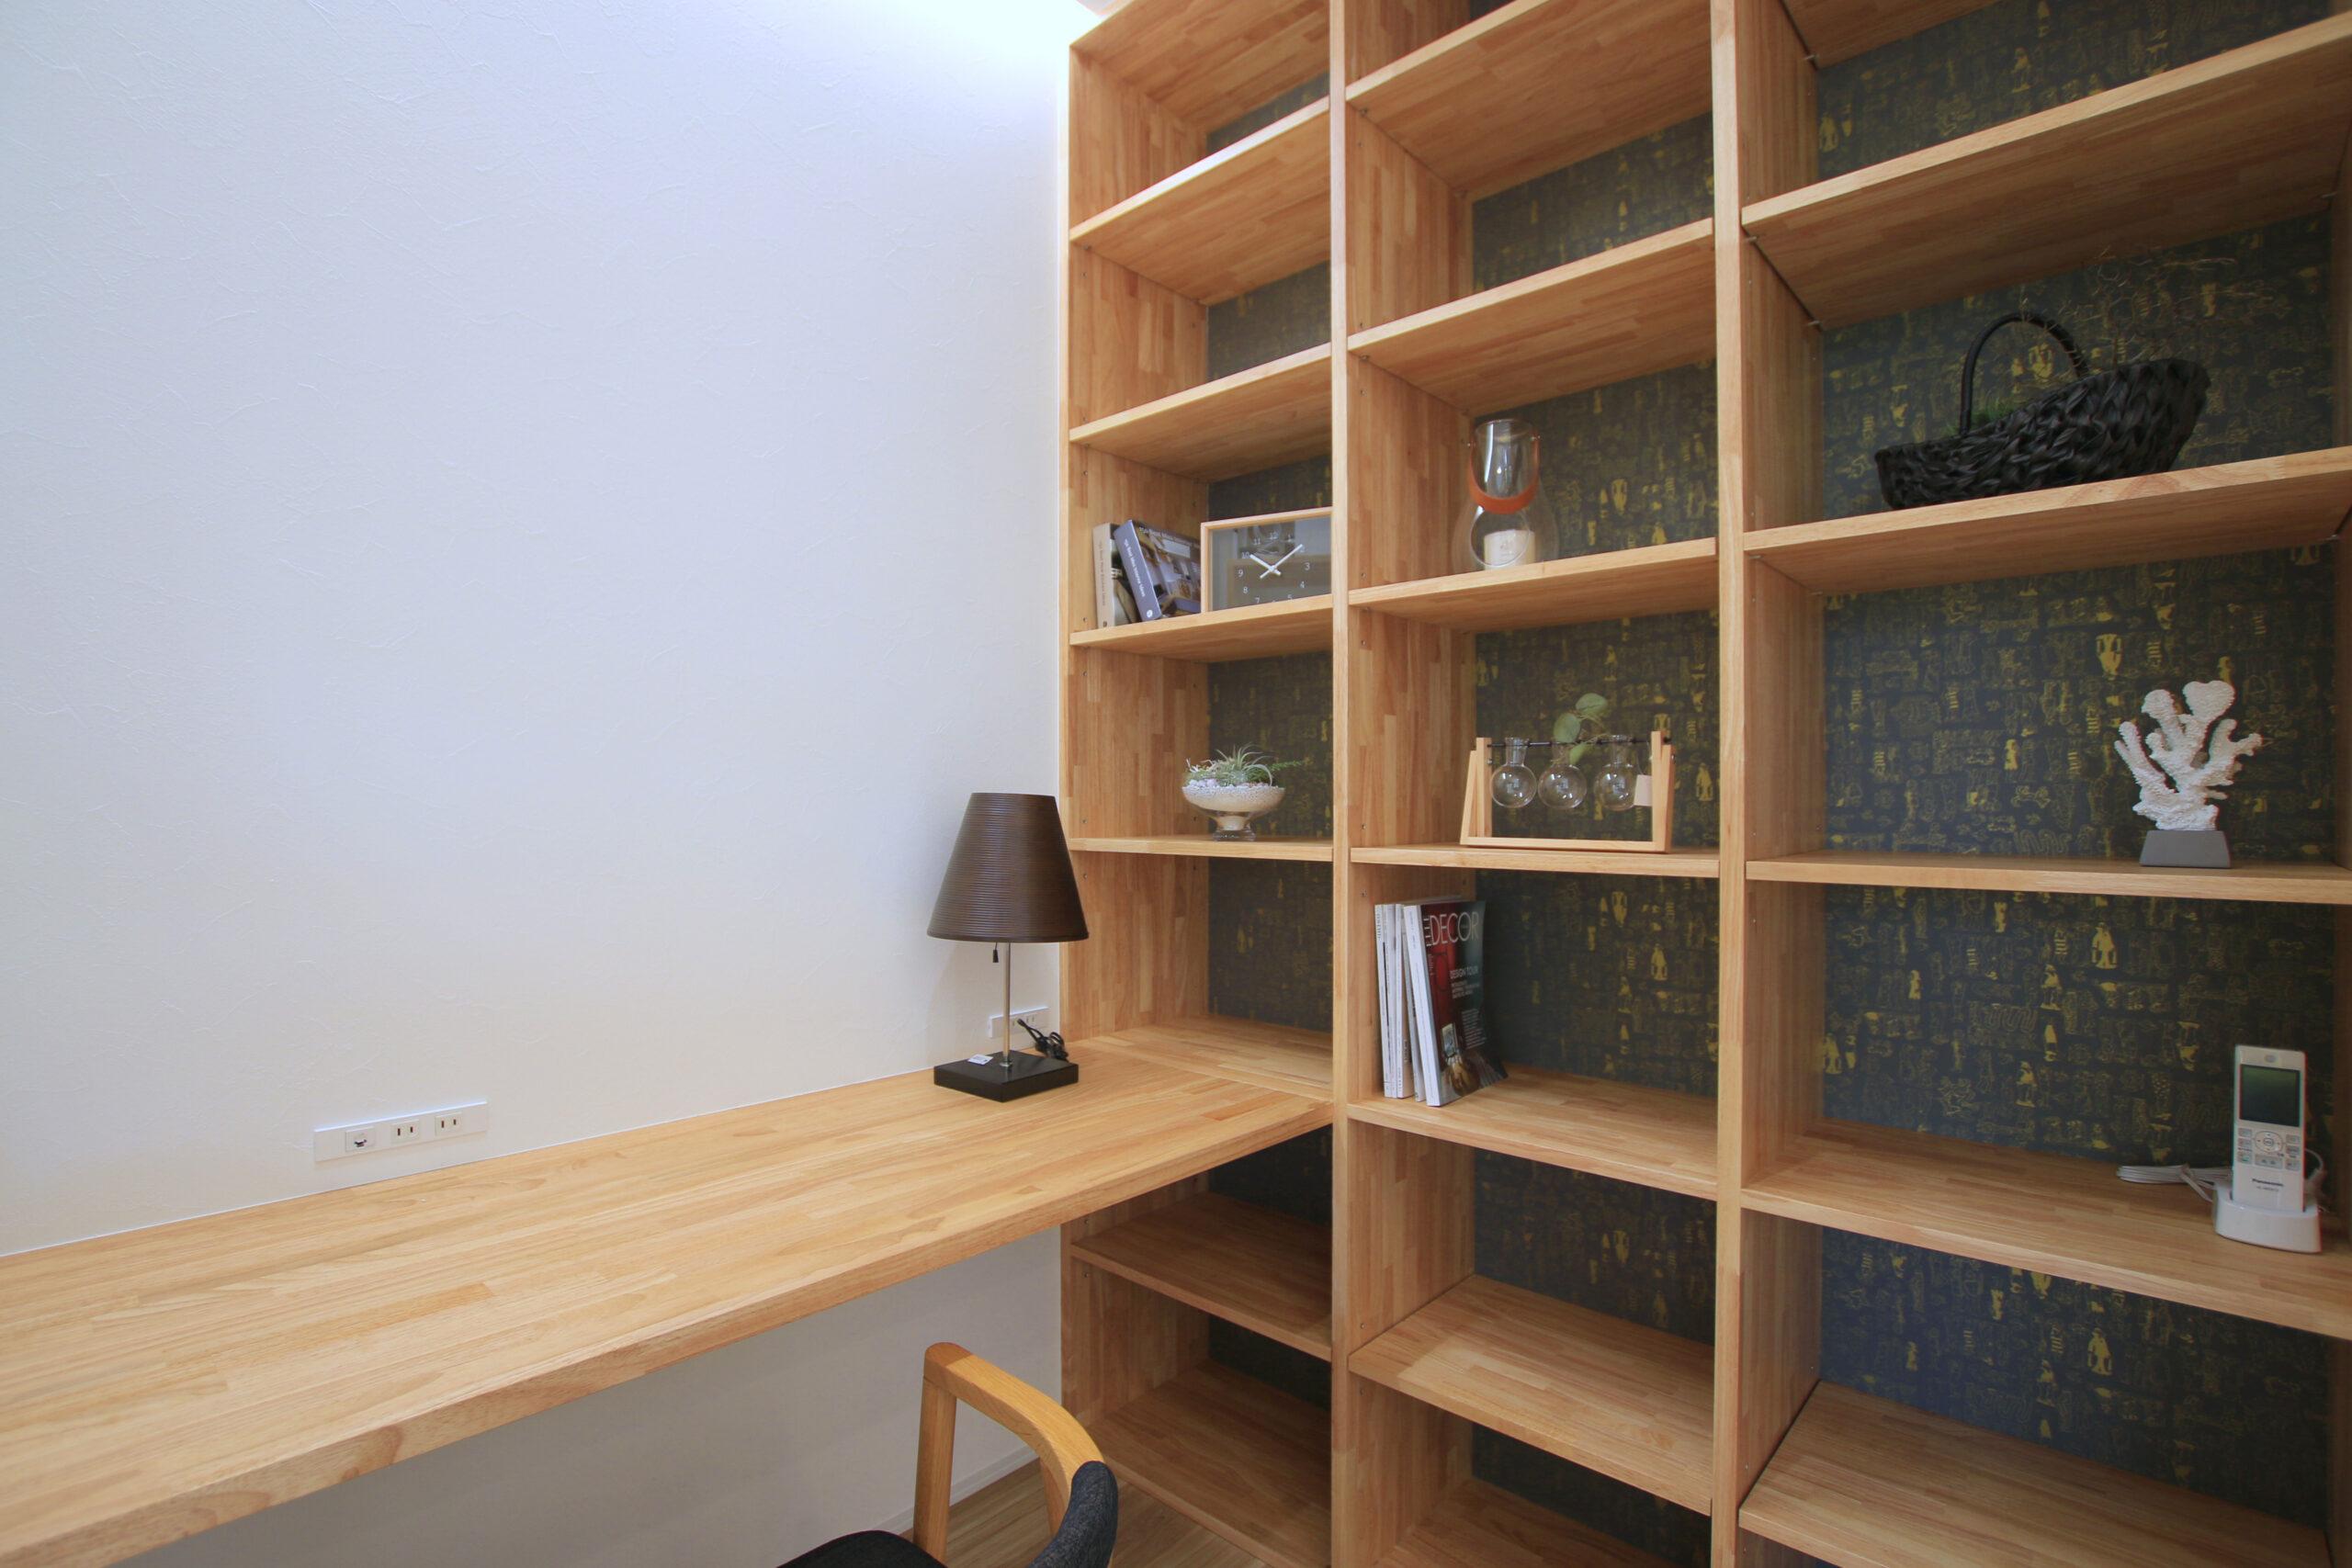 たっぷり収納可能な棚を設けた書斎